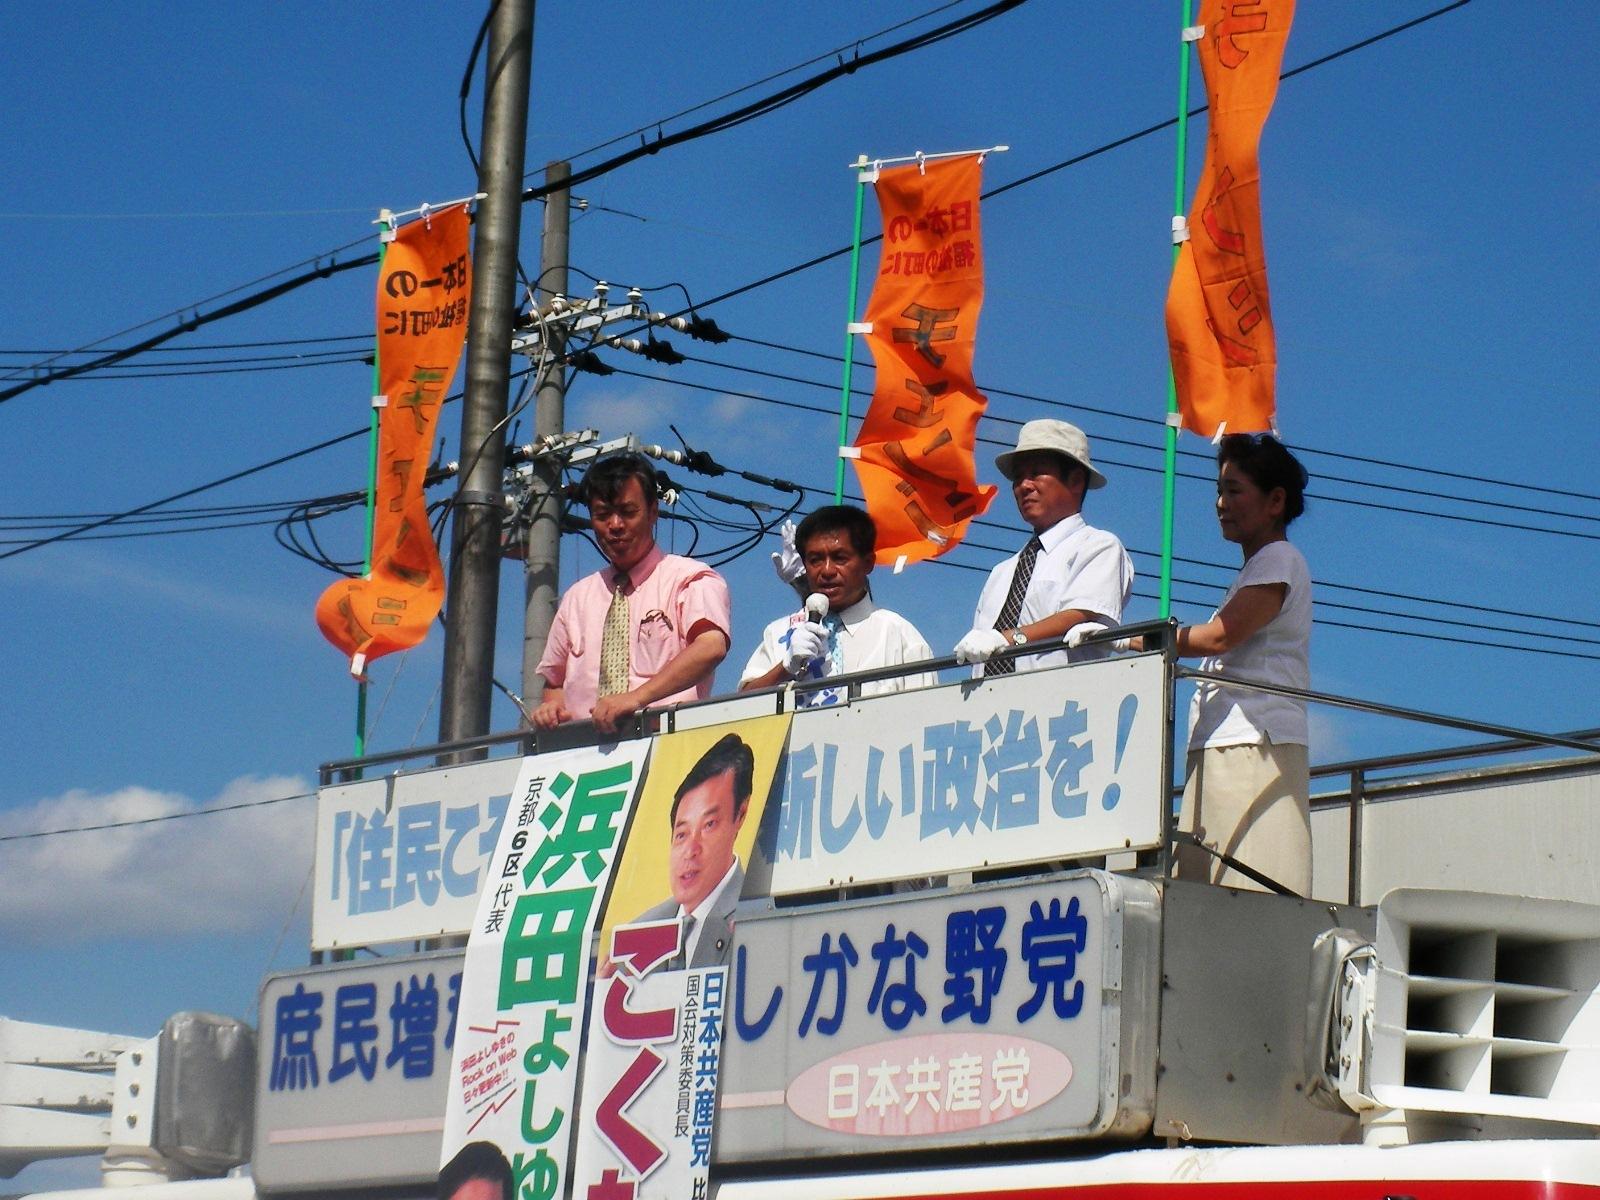 久御山町長選たけだ万徳さん事務所開き